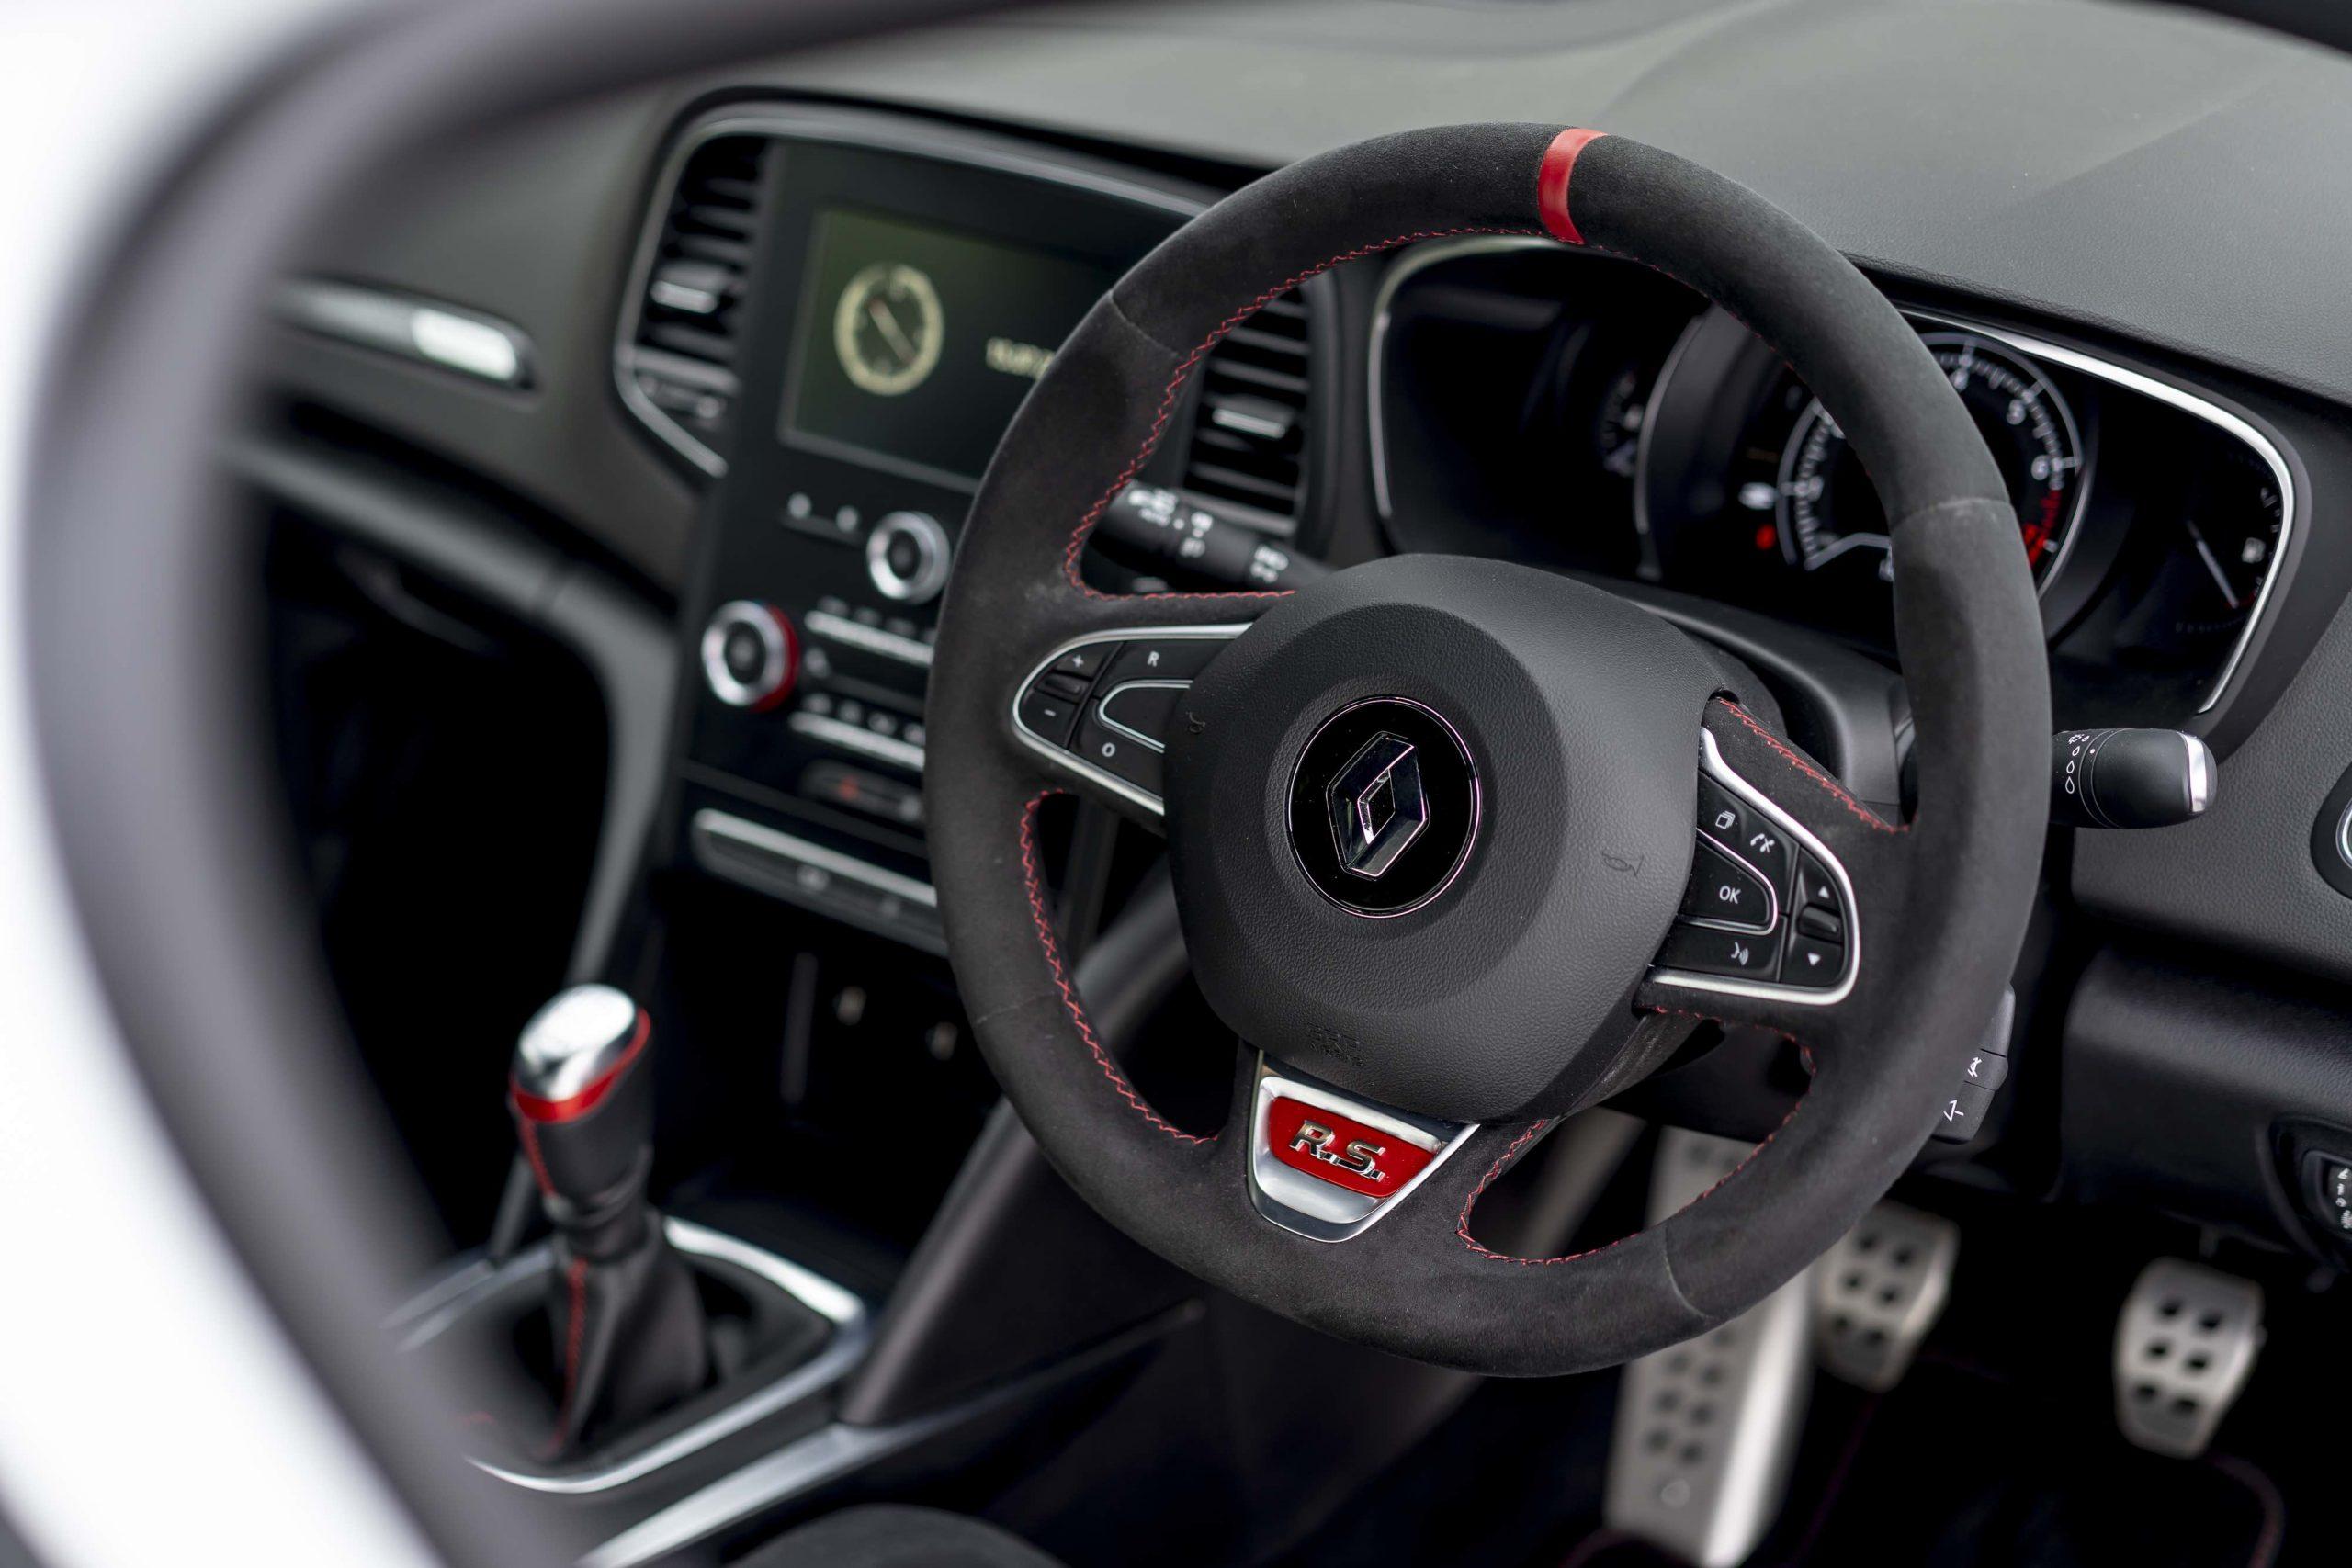 renault megane trophy r interior steering wheel detail